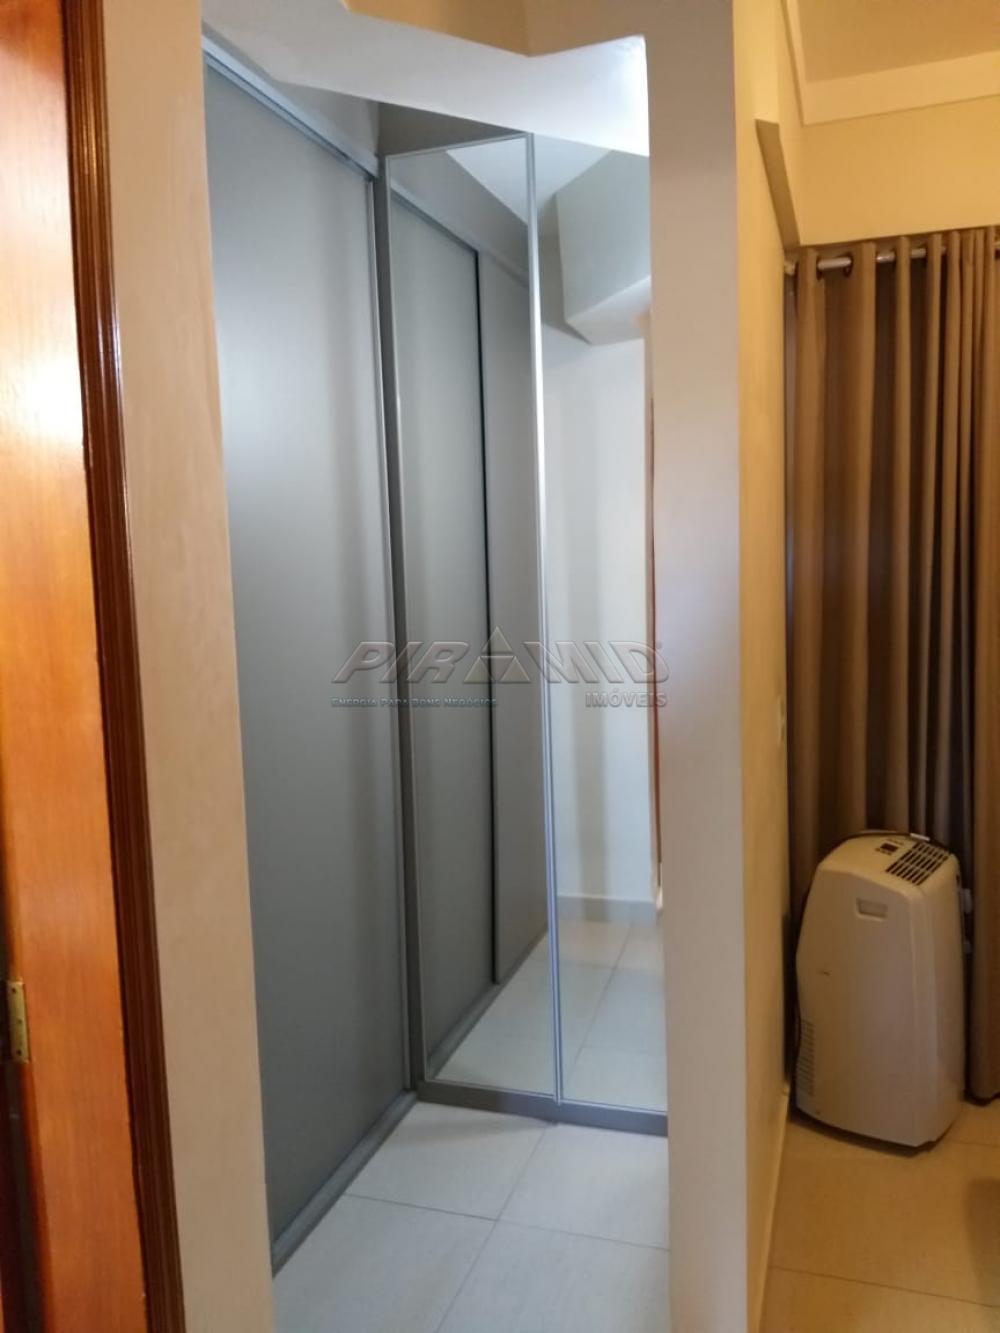 Comprar Apartamento / Padrão em Ribeirão Preto apenas R$ 435.000,00 - Foto 9